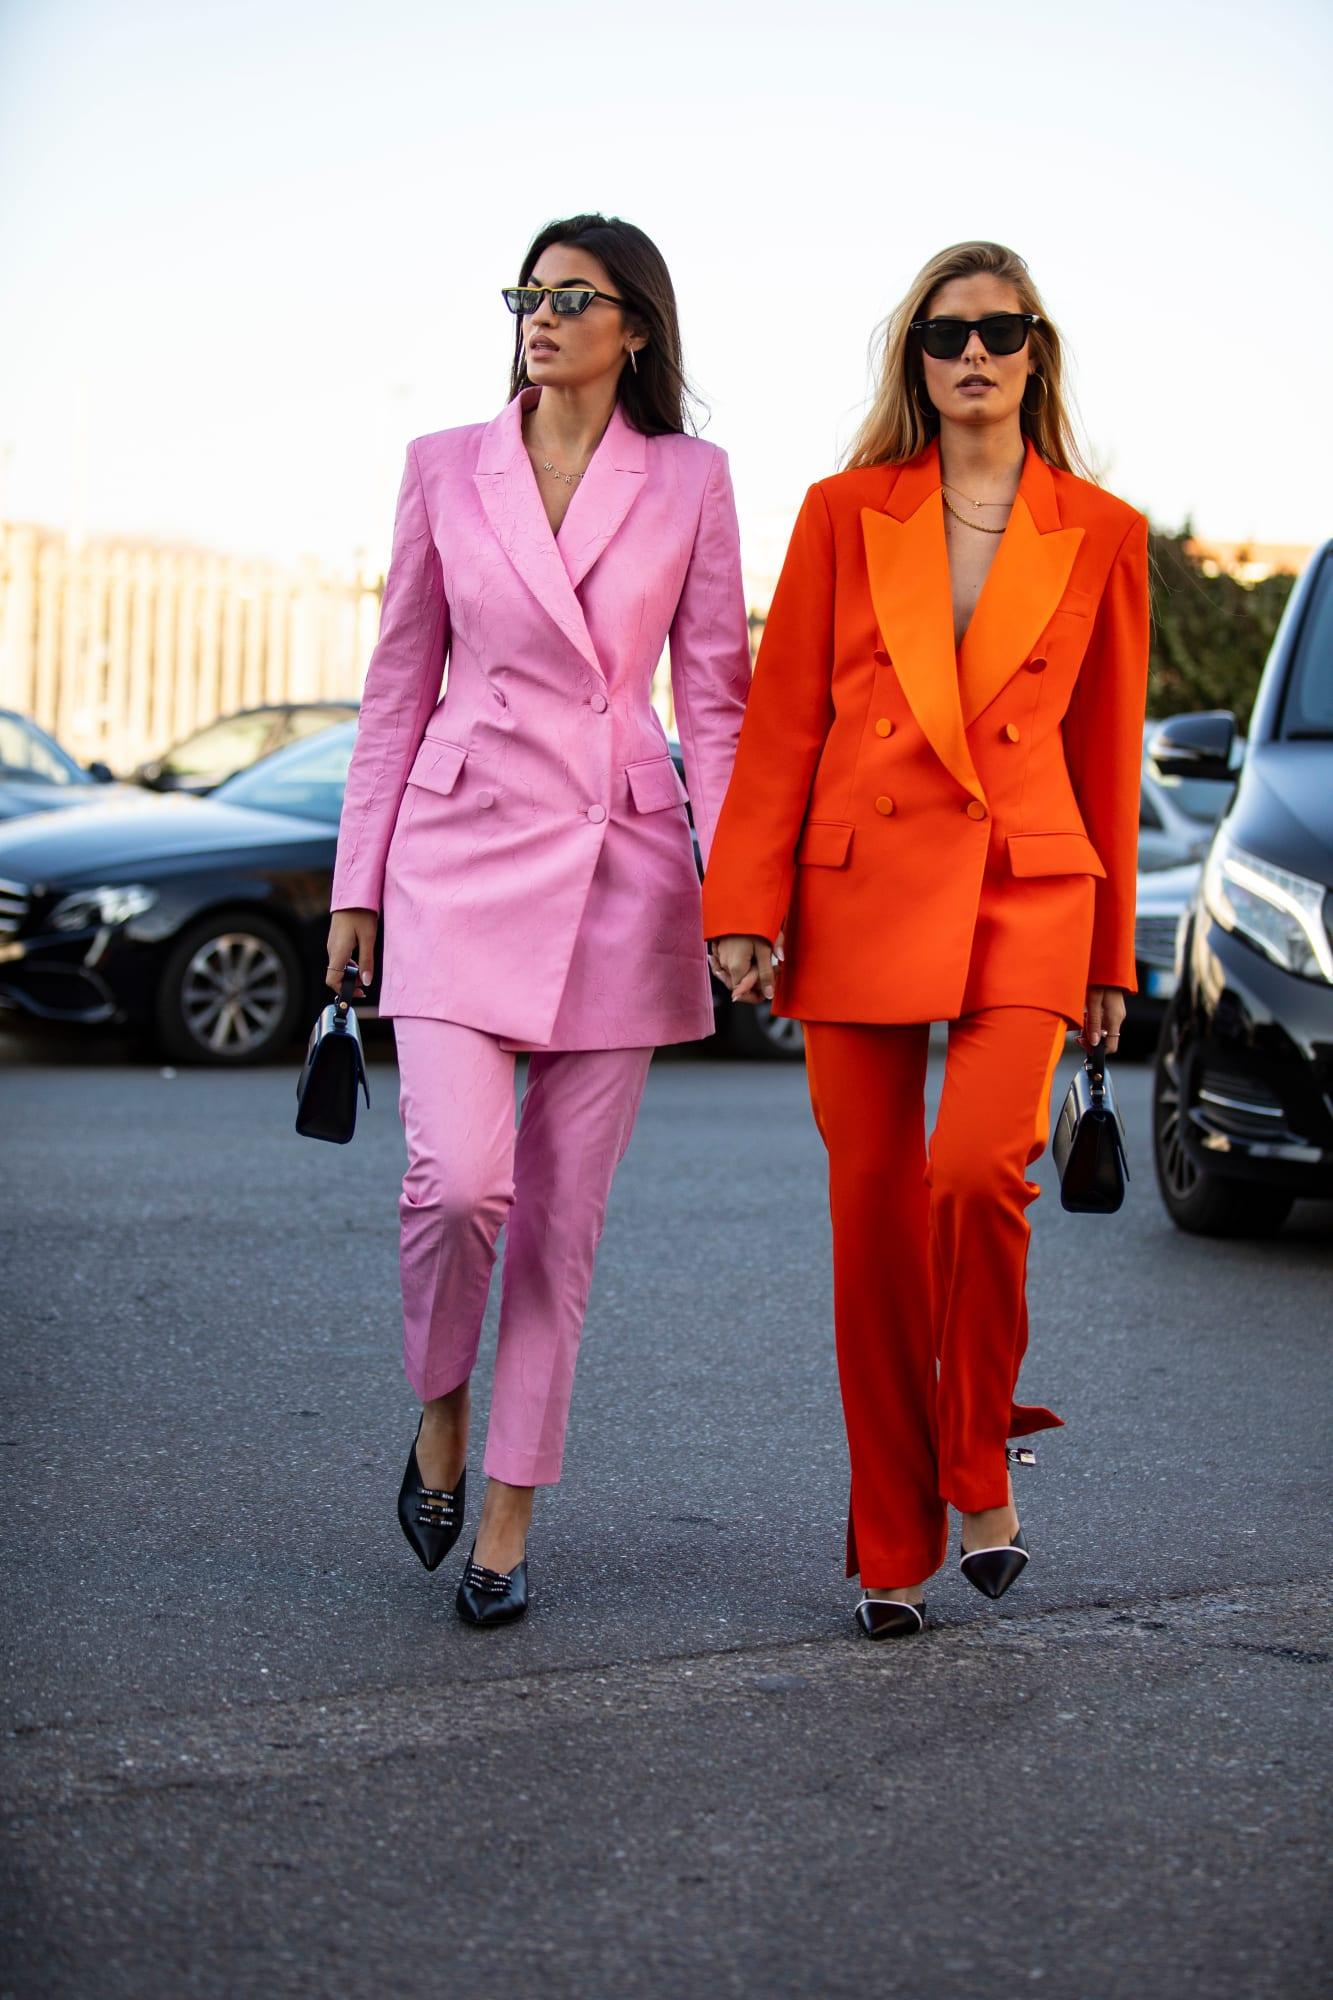 """xu hướng thời trang đường phố hứa hẹn sẽ """"khuấy động"""" làng mốt 10"""